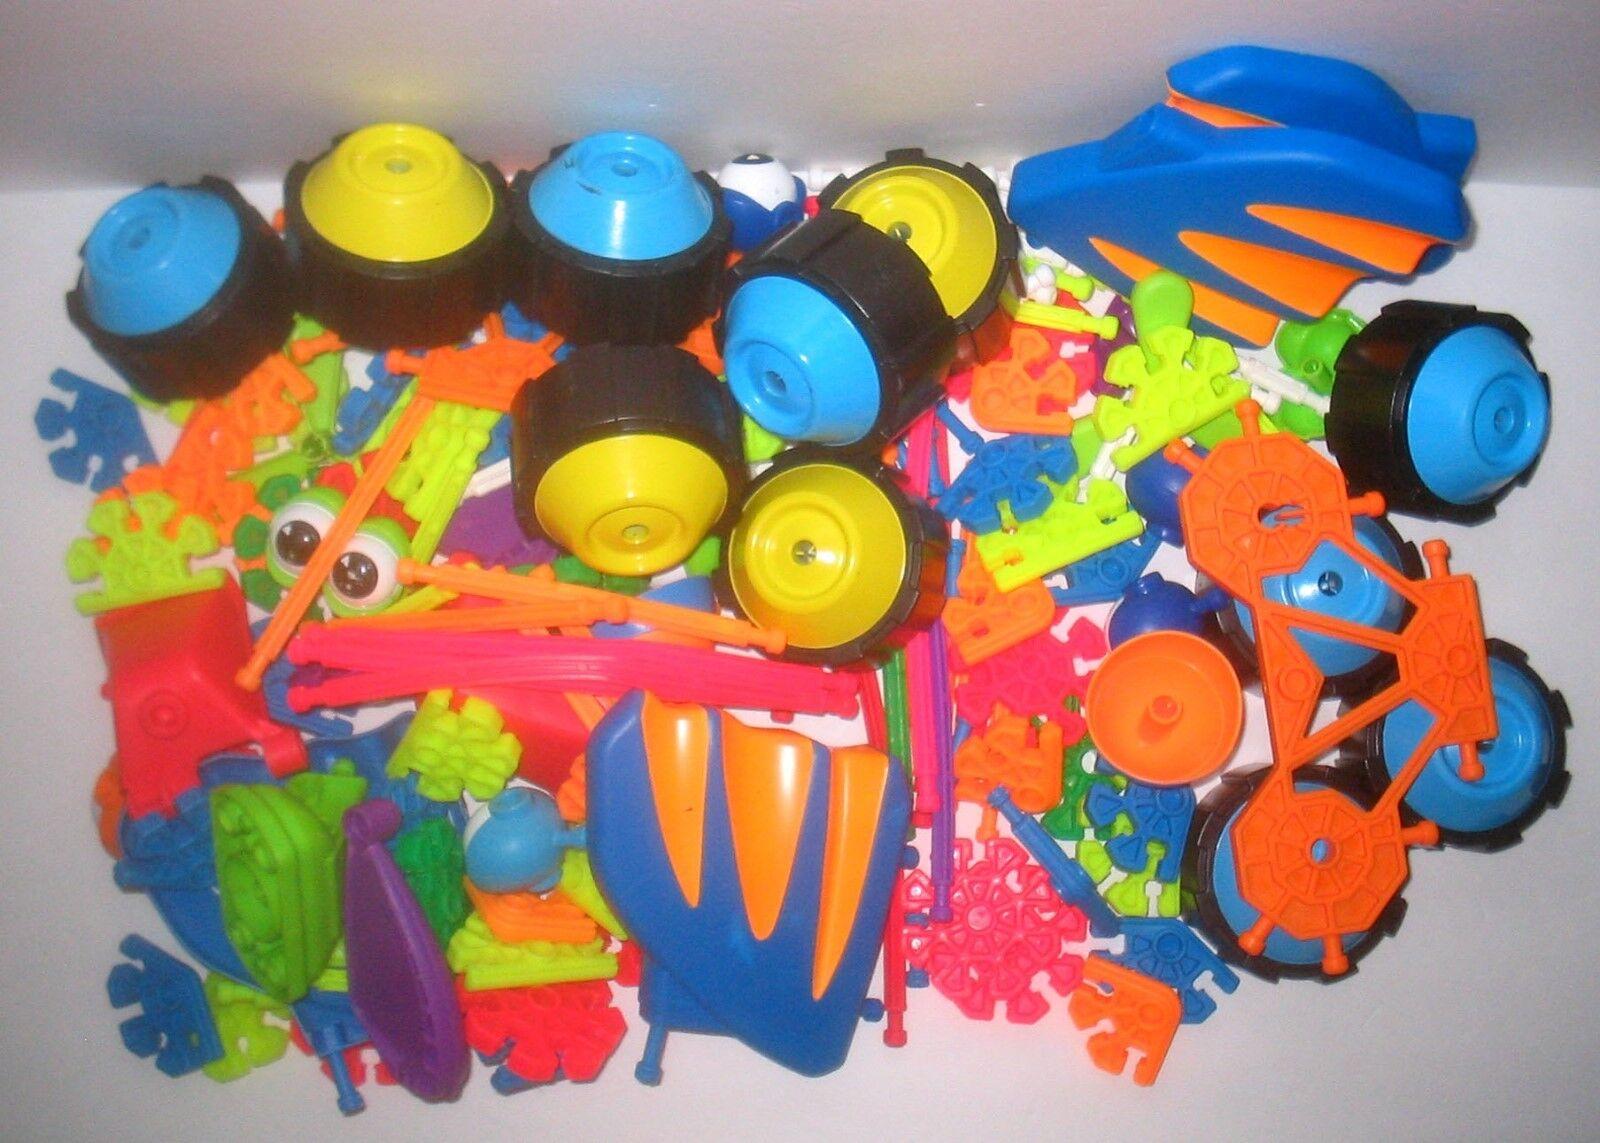 Preschool Building Toy Kid K'NEX Knex 180 Parts & Pieces